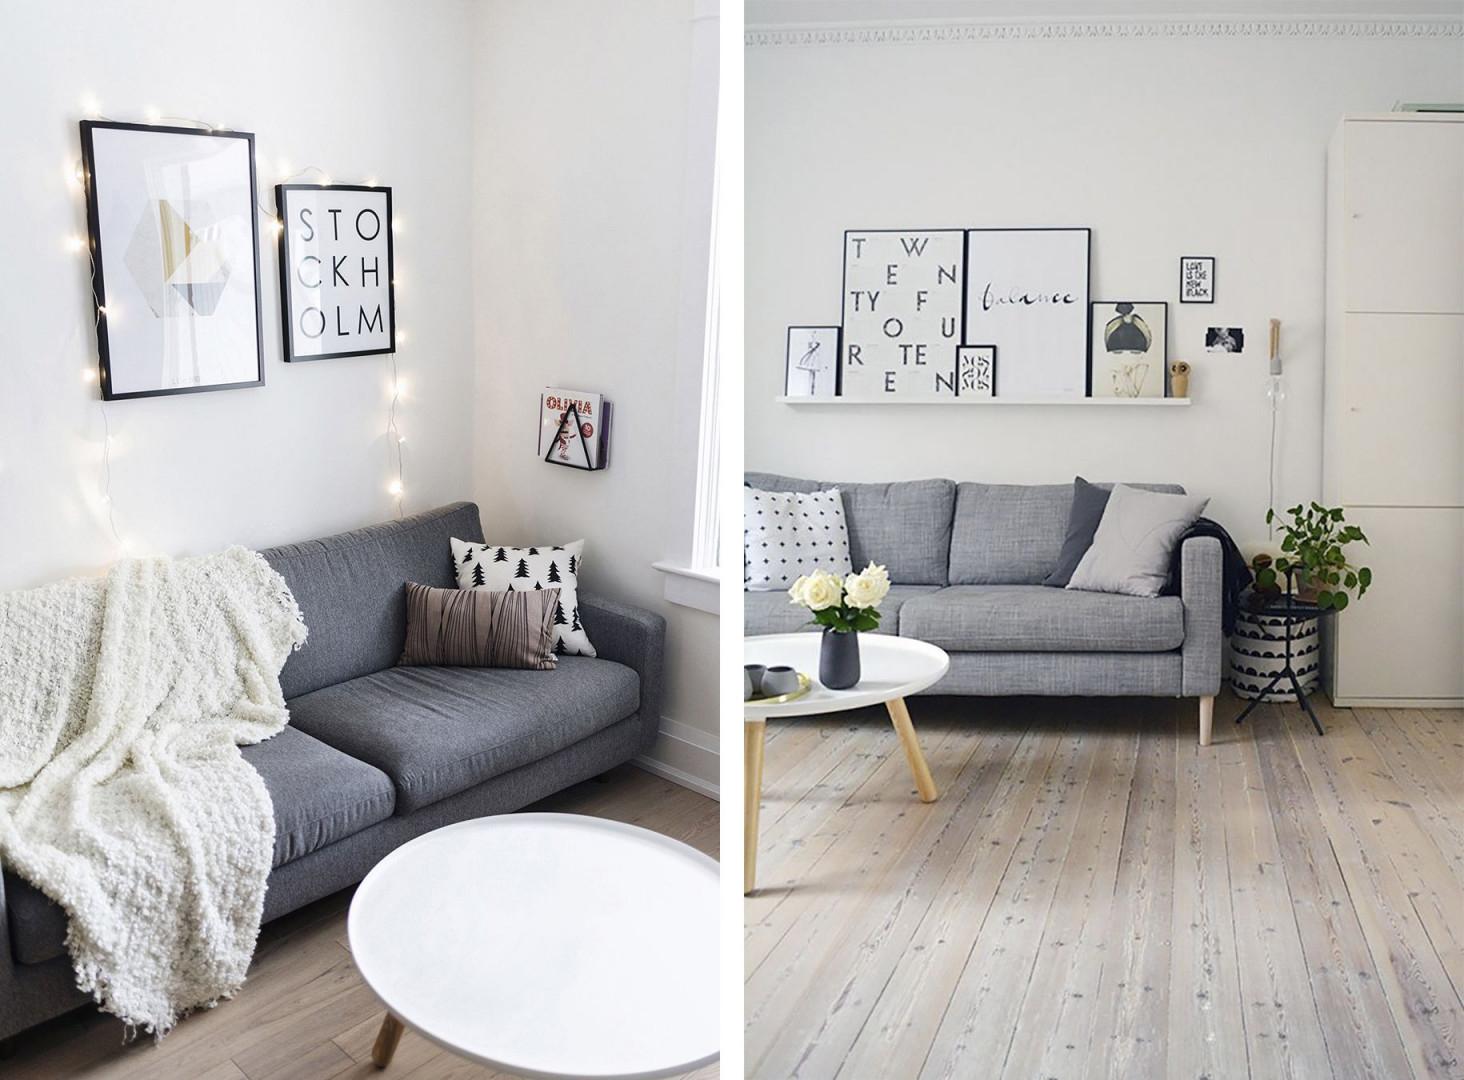 60 Erstaunliche Licht Grau Wohnzimmer Ideen  Dekomobel von Wohnzimmer Grau Ideen Bild